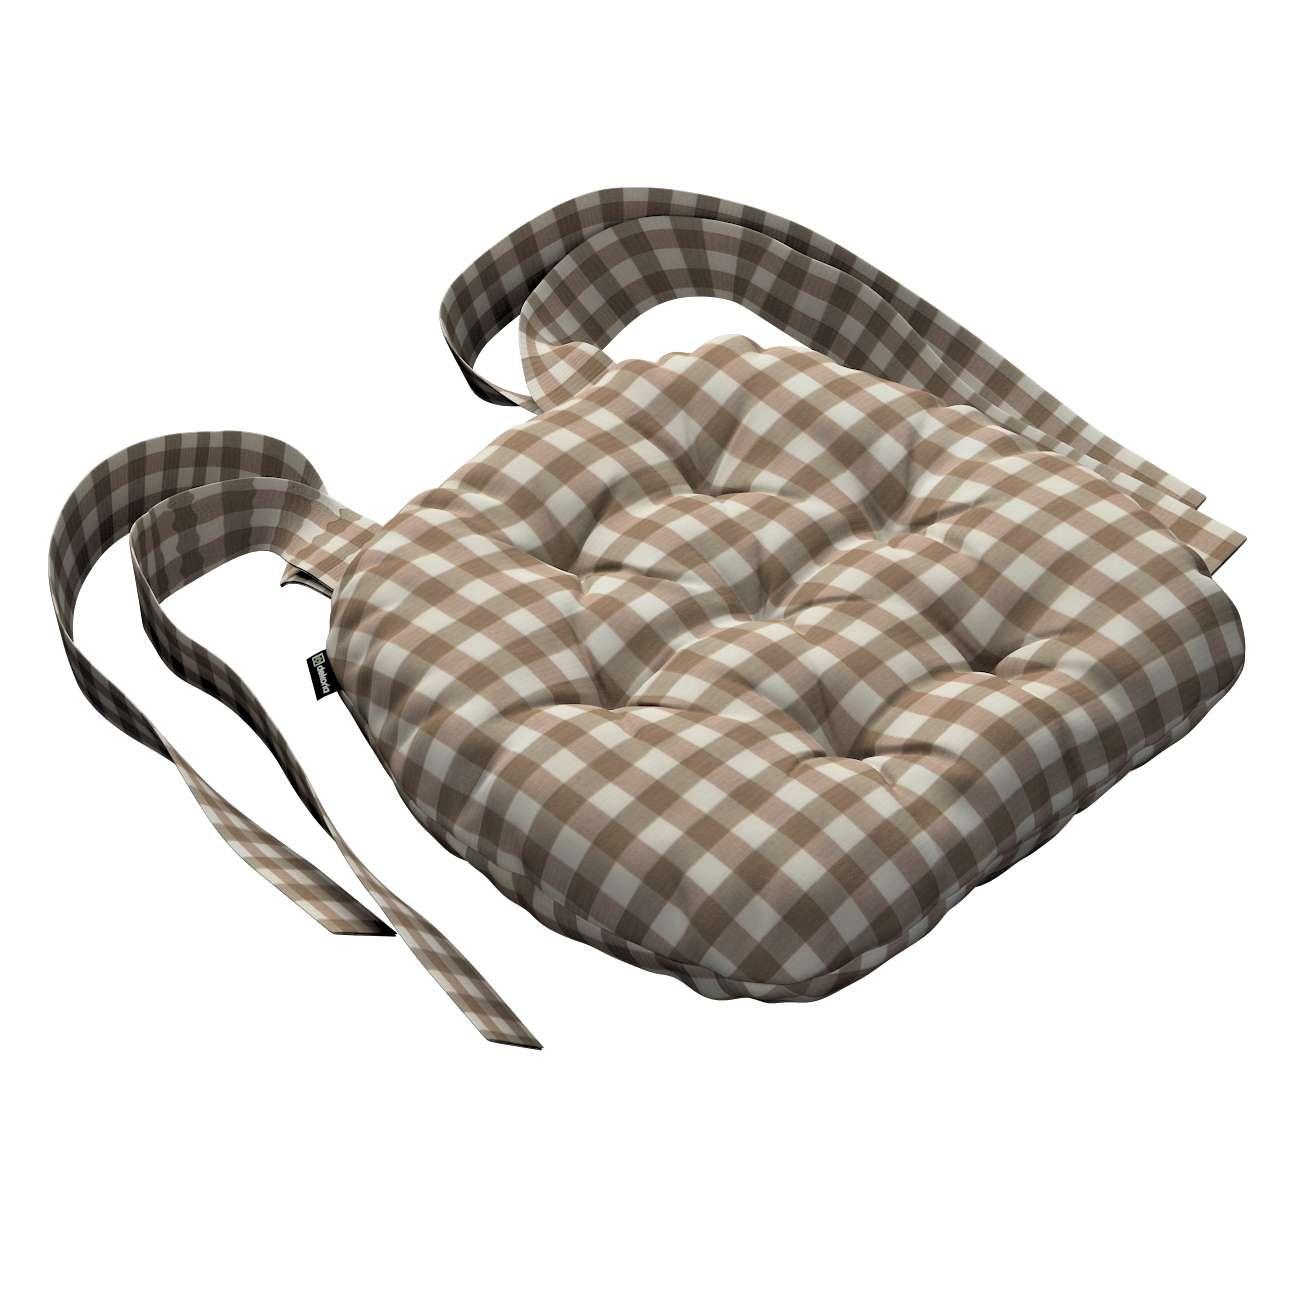 Kėdės pagalvėlė Marcin (apvaliais kraštais) 40 x 37 x 8 cm kolekcijoje Quadro, audinys: 136-06